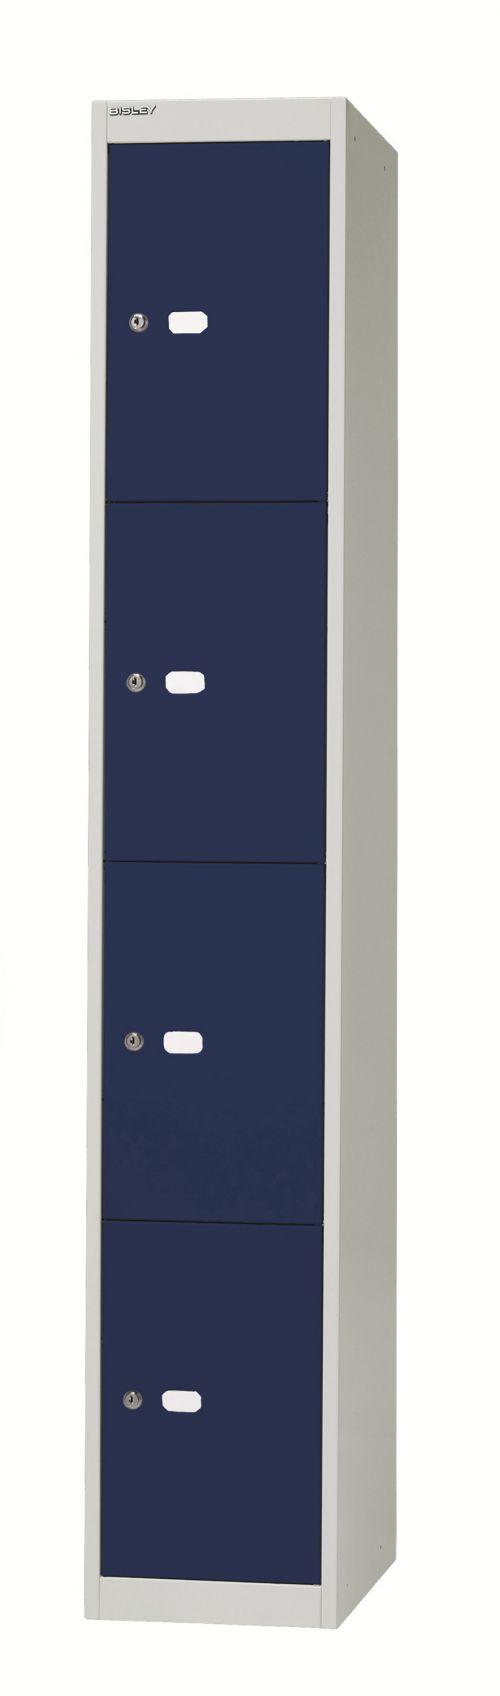 Bisley 4 Door 30.5 Locker - Grey Blue